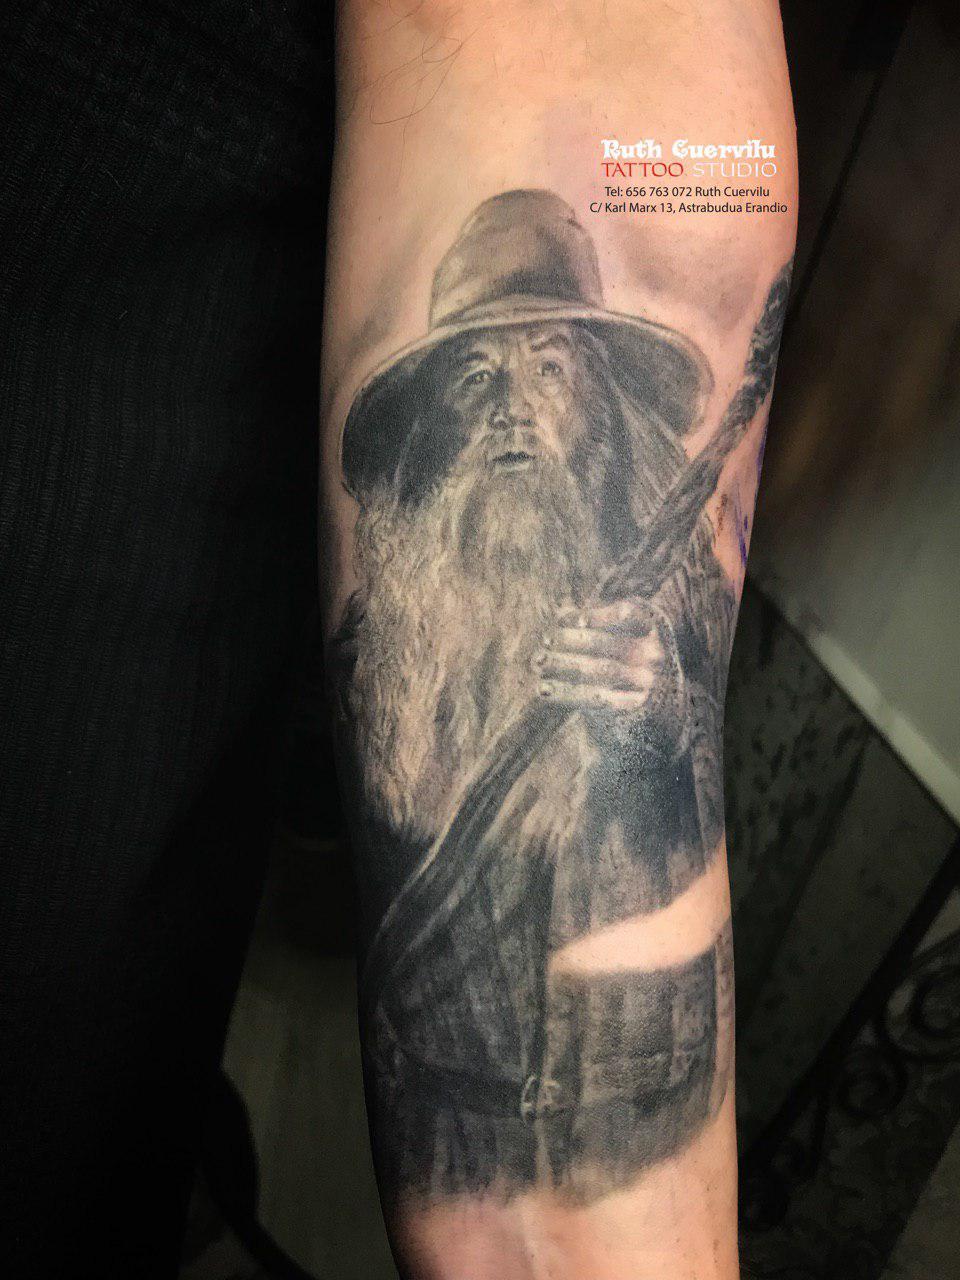 Gandalf Grey - curado Ruth Cuervilu Tattoo - KM13 Studio - Estudio de tatuajes en Erandio, Bizkaia